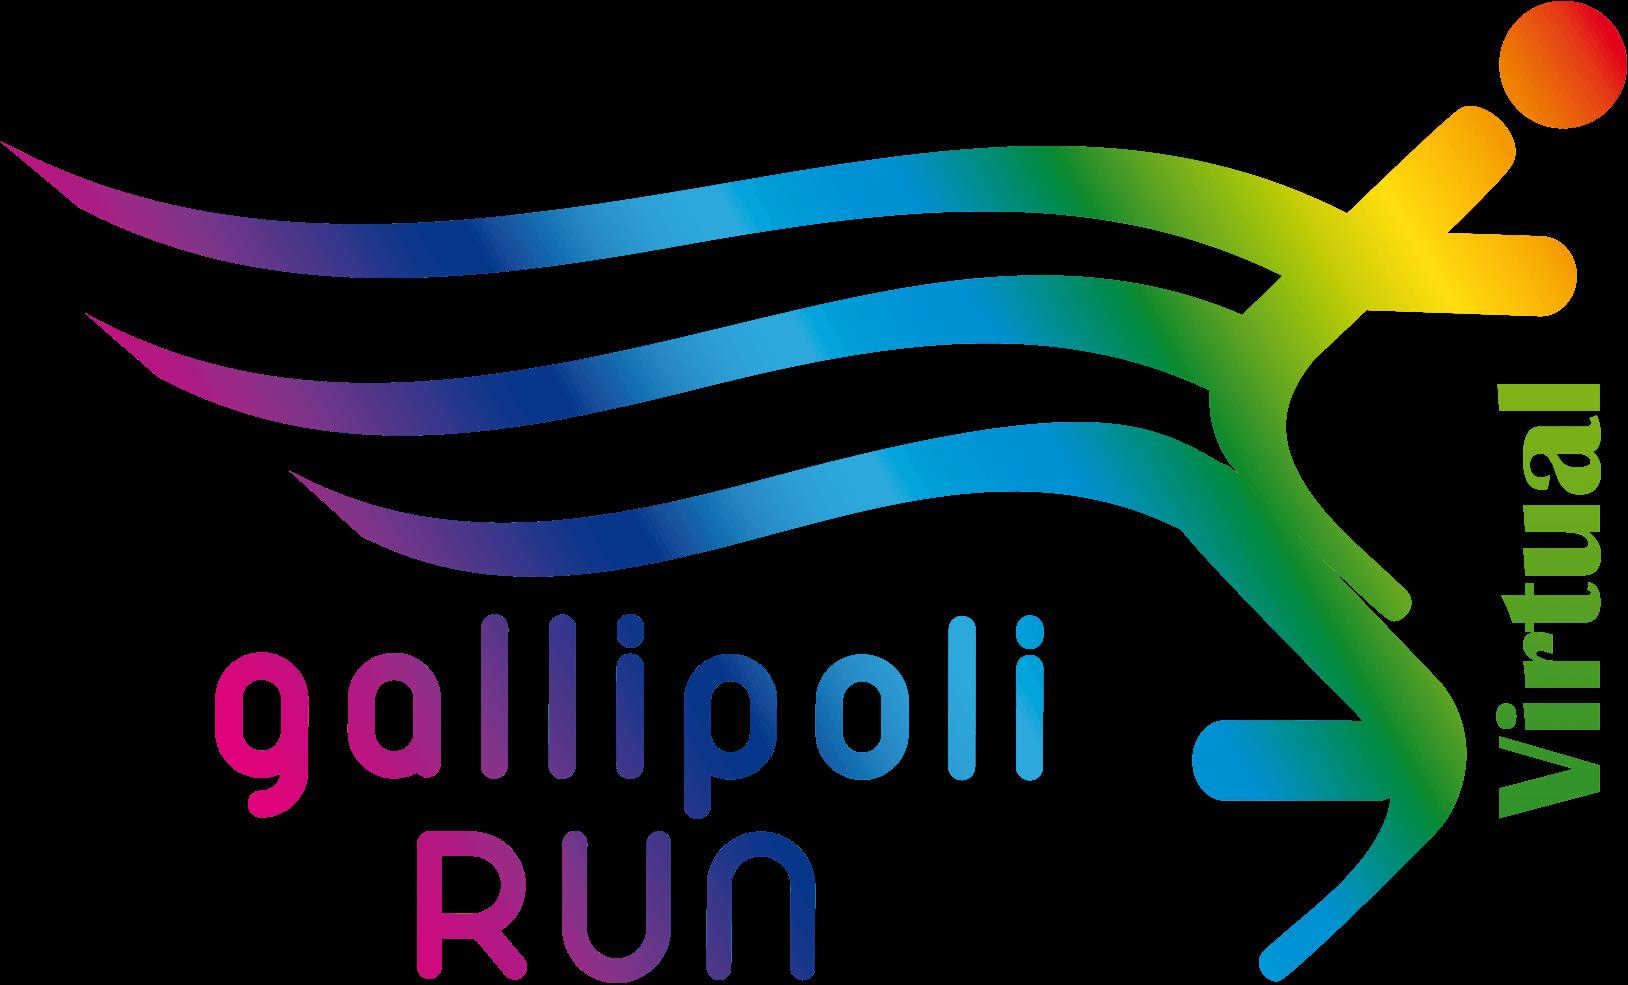 Gallipoli VirtualRUN 2021 | In bici o a piedi, a casa o al mare, corri per LILT Lecce e condividi con noi!